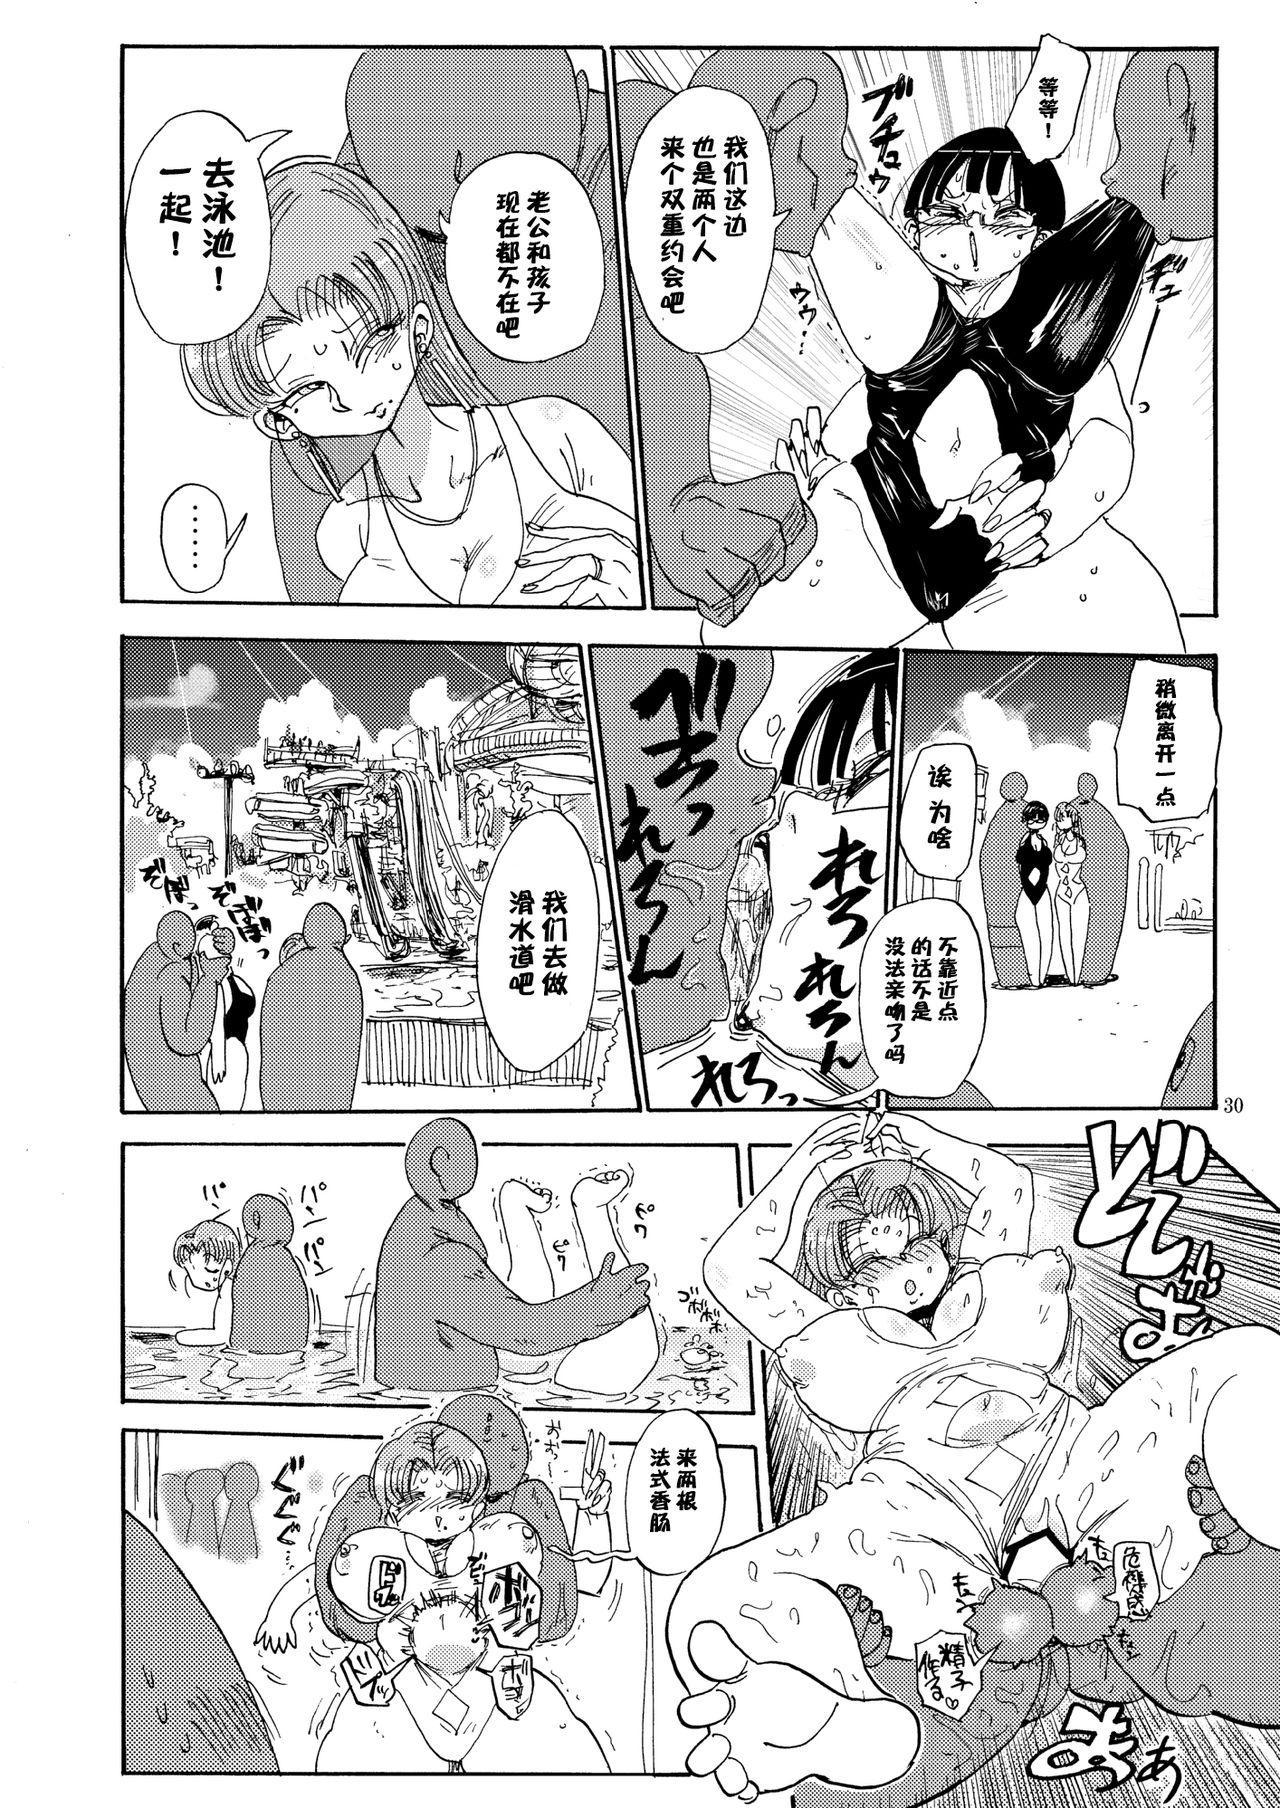 Nandemo Chousa Shoujo no Doujinshi ga Deta? Wakarimashita Chousa Shimasu 29